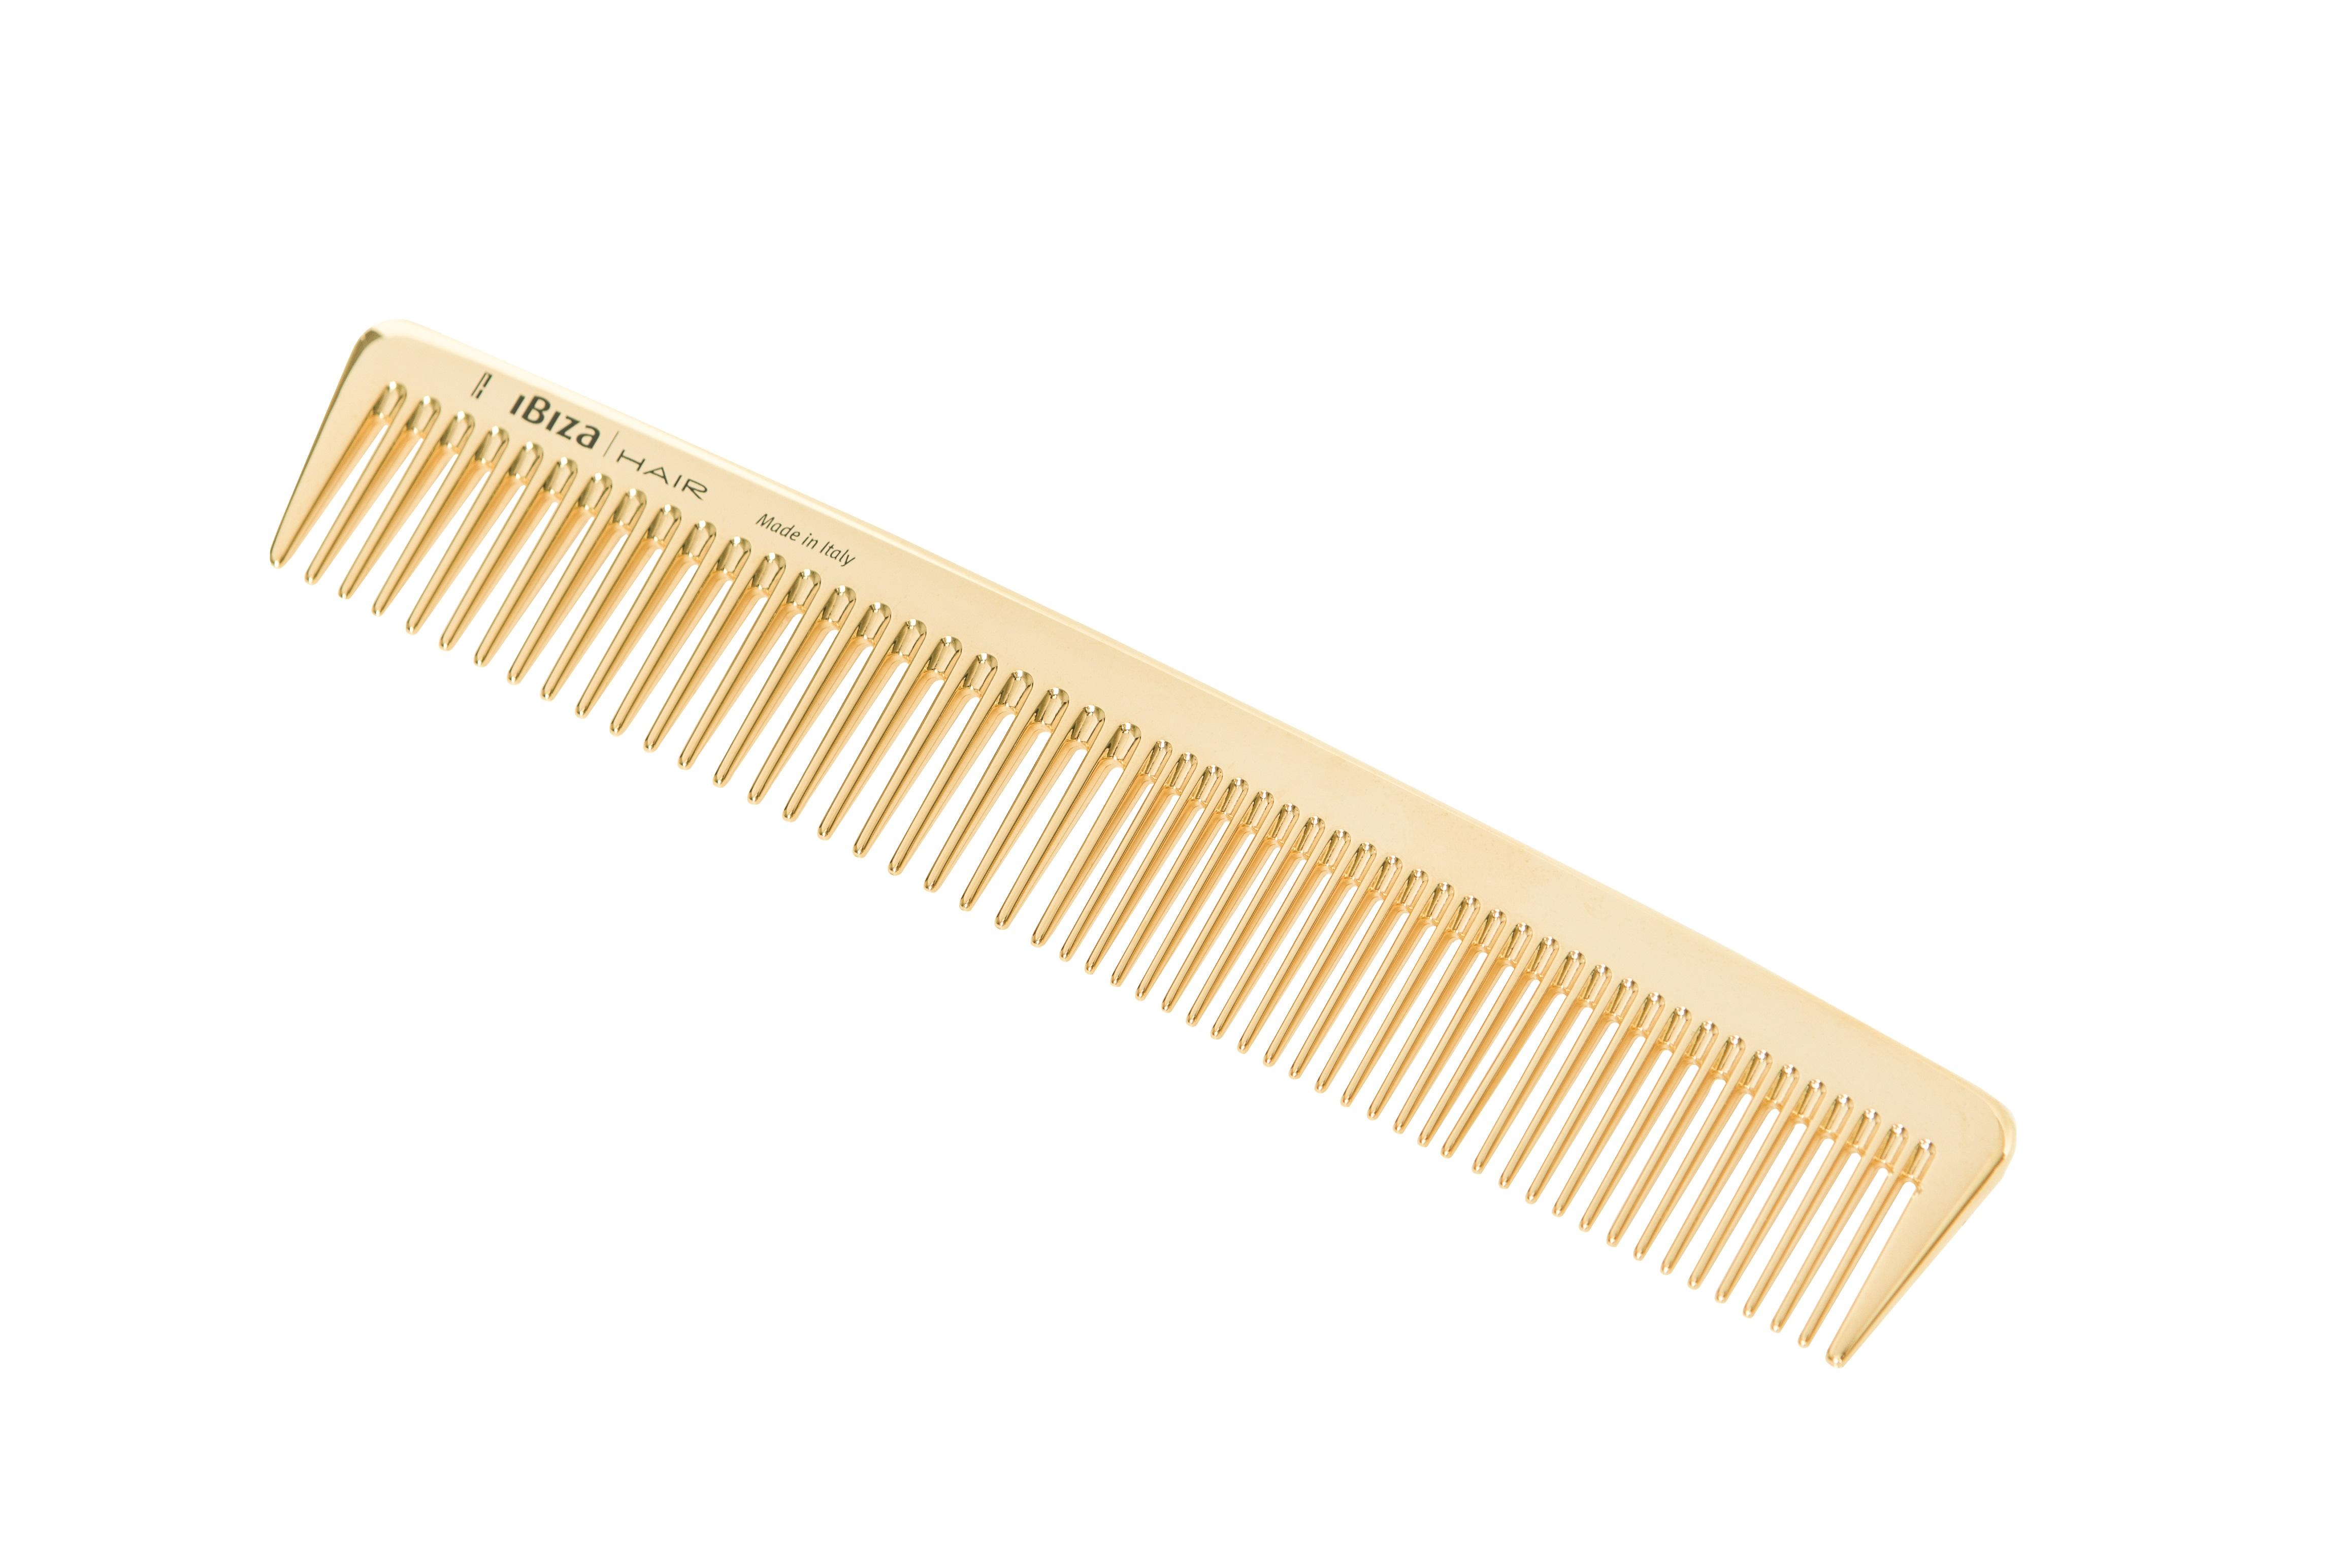 IBIZA HAIR Расческа карбоновая, золотистая для стайлинга / Gold Comb Styling